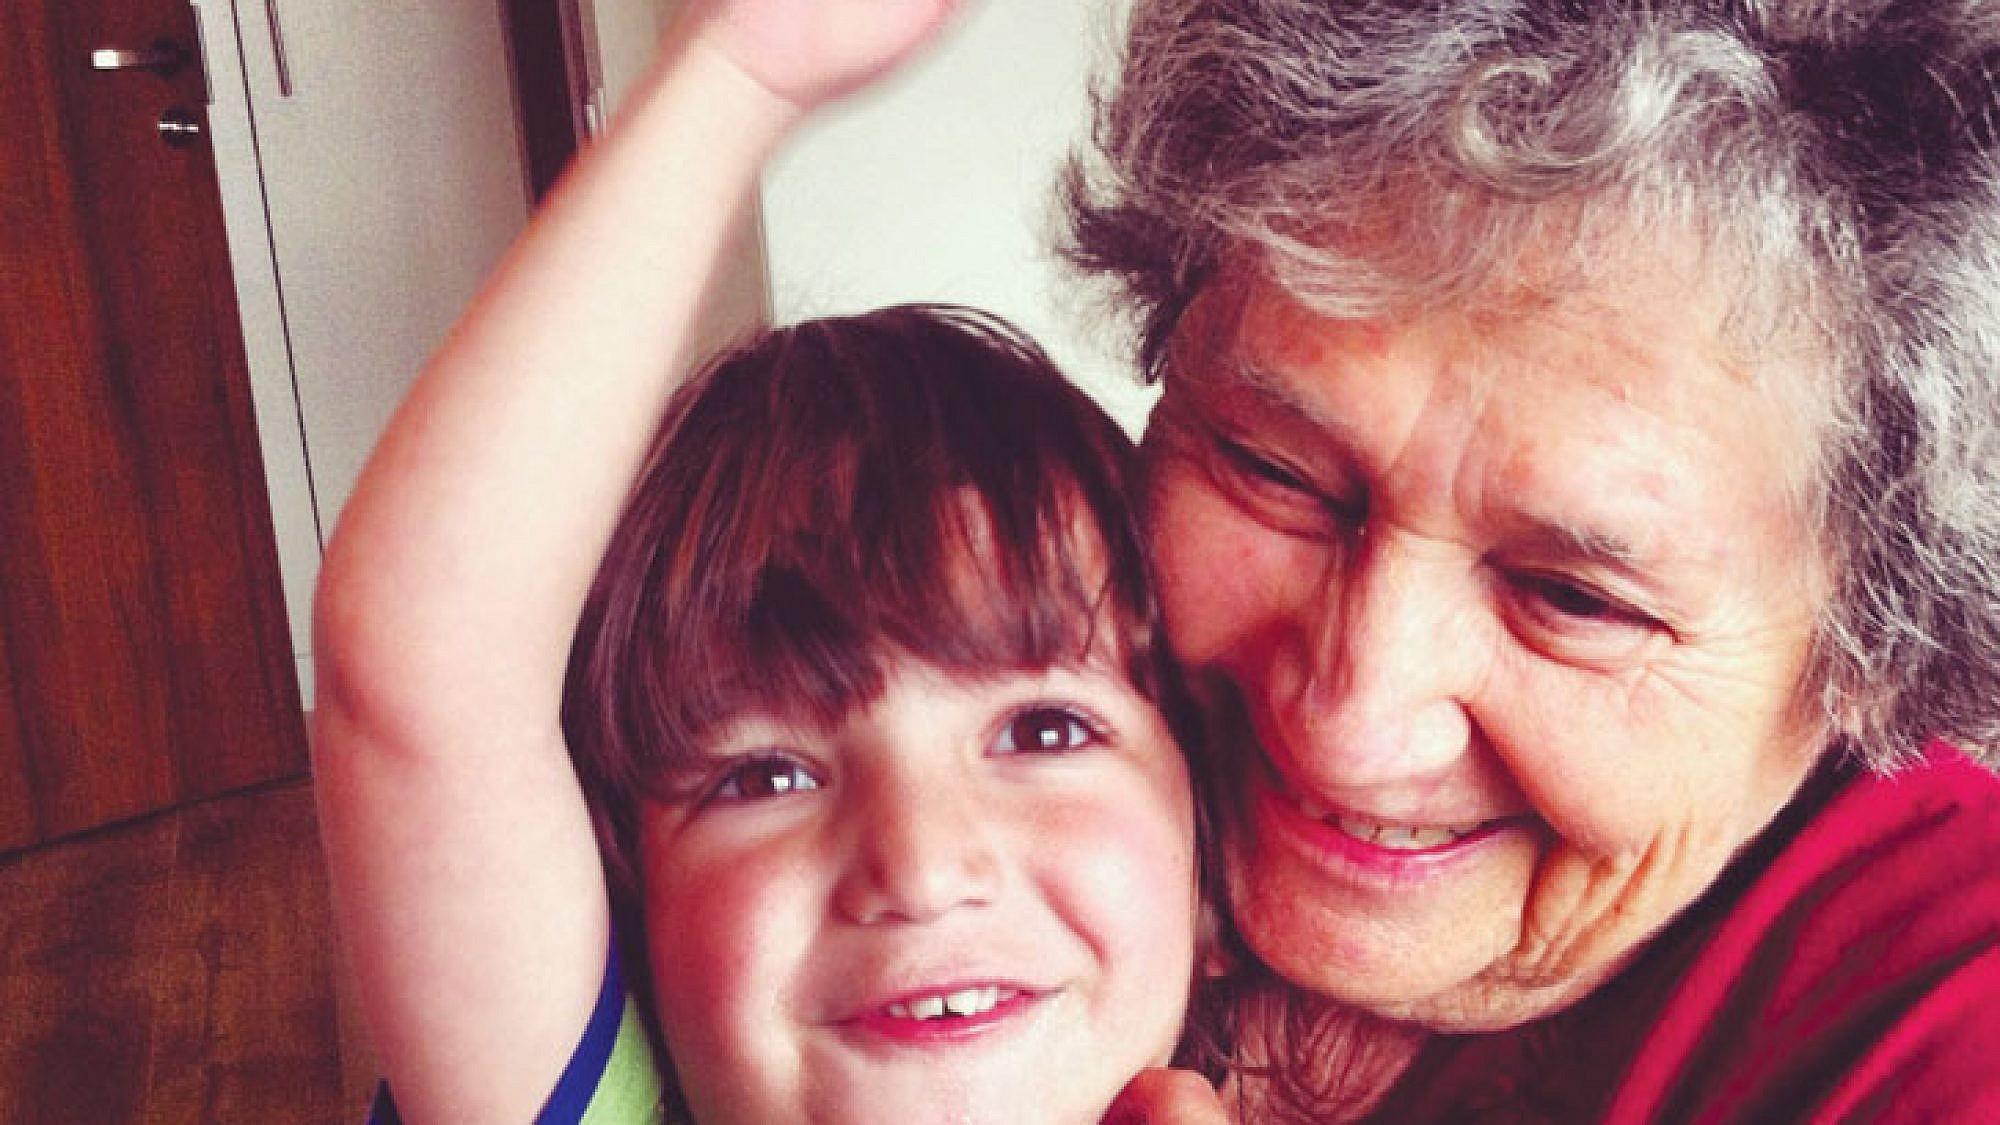 ארנונה מרץ והנכד ניב | צלם: אלבום משפחתי